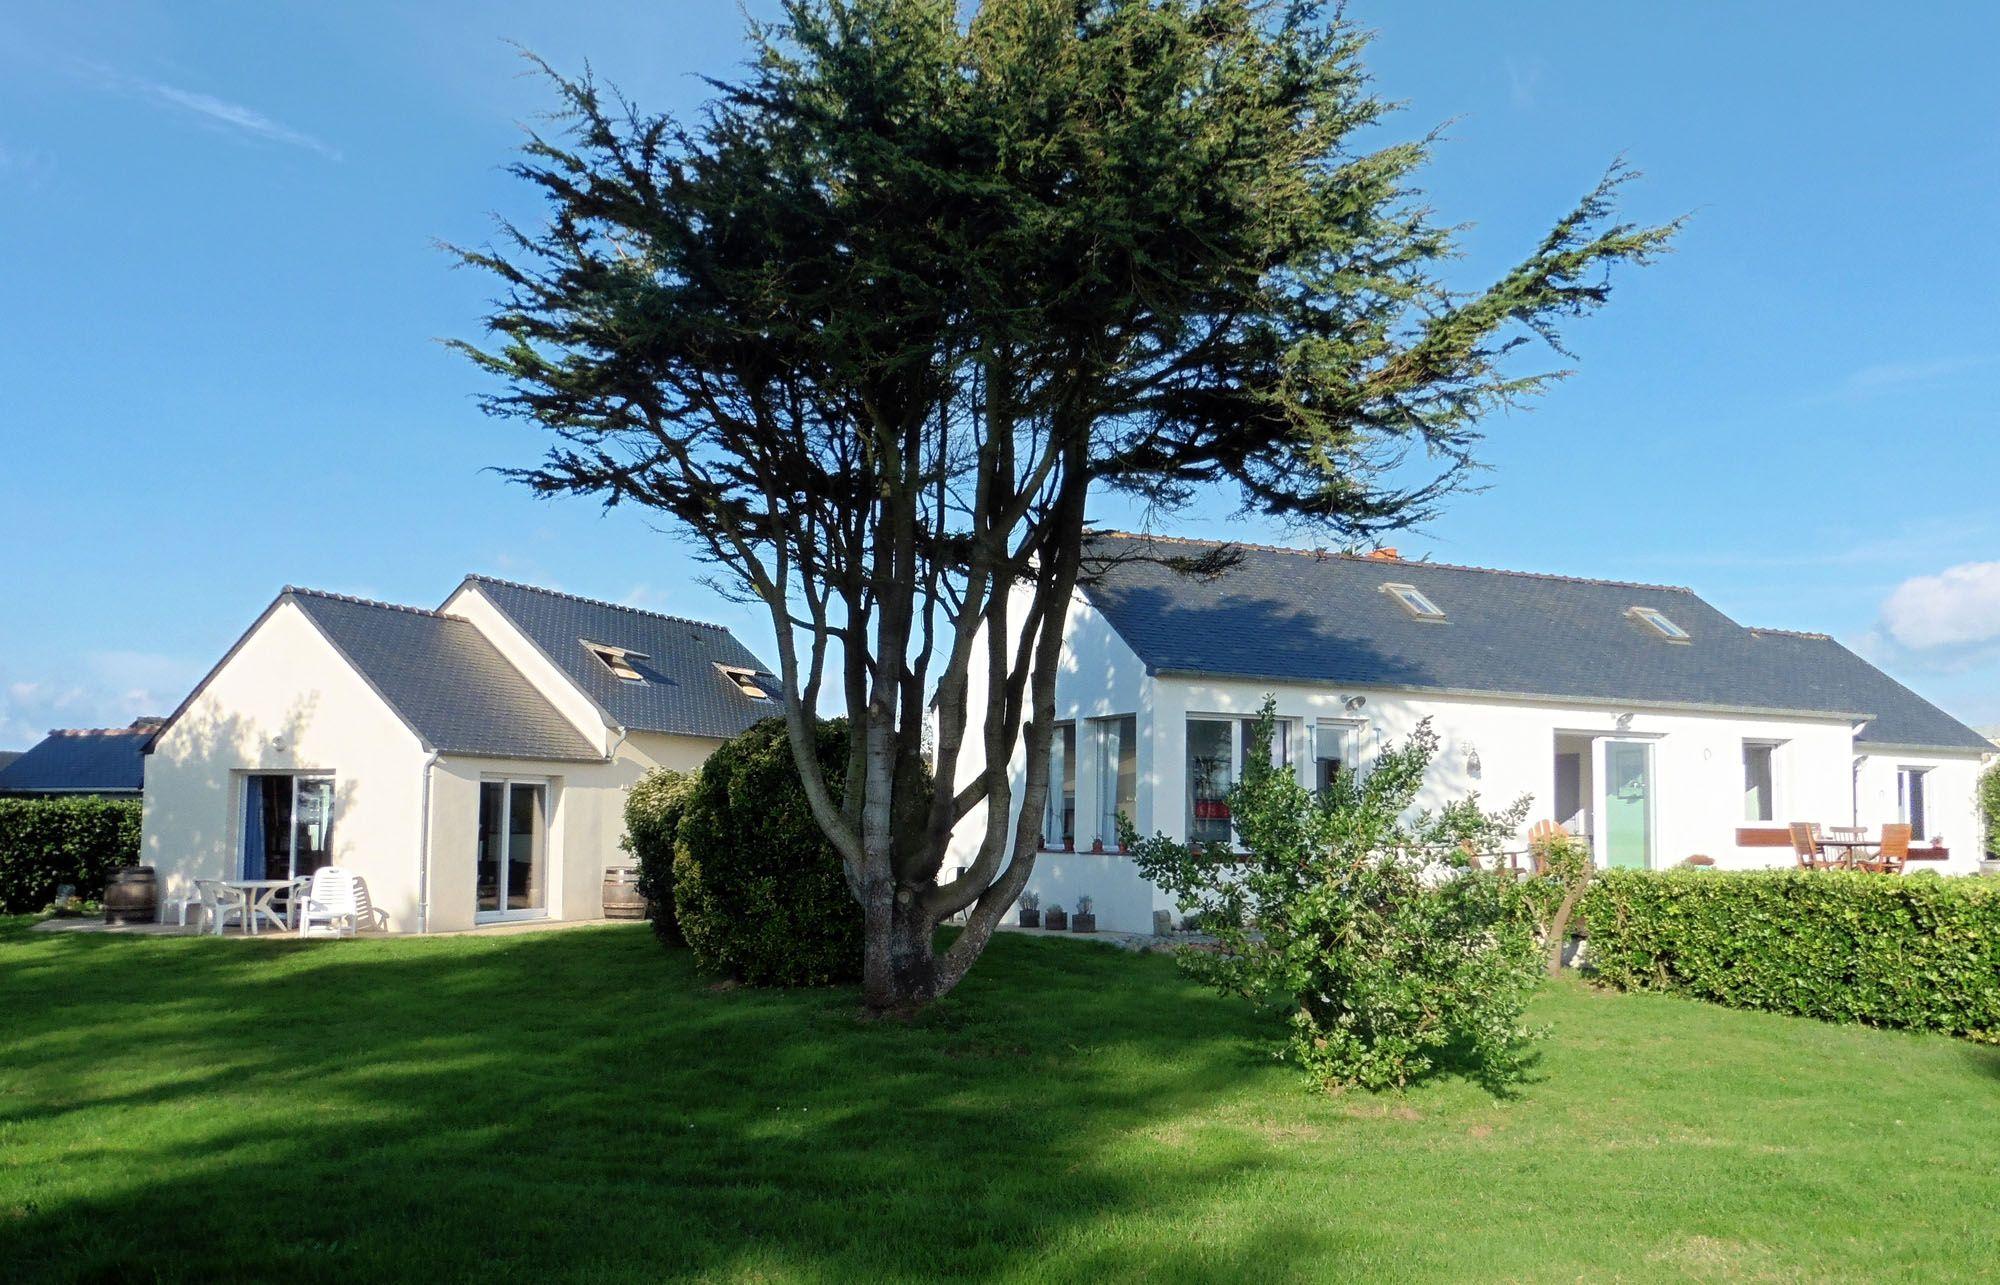 Vente Maison et gite vue mer sur l\'Ile de Batz | Immobilier ...